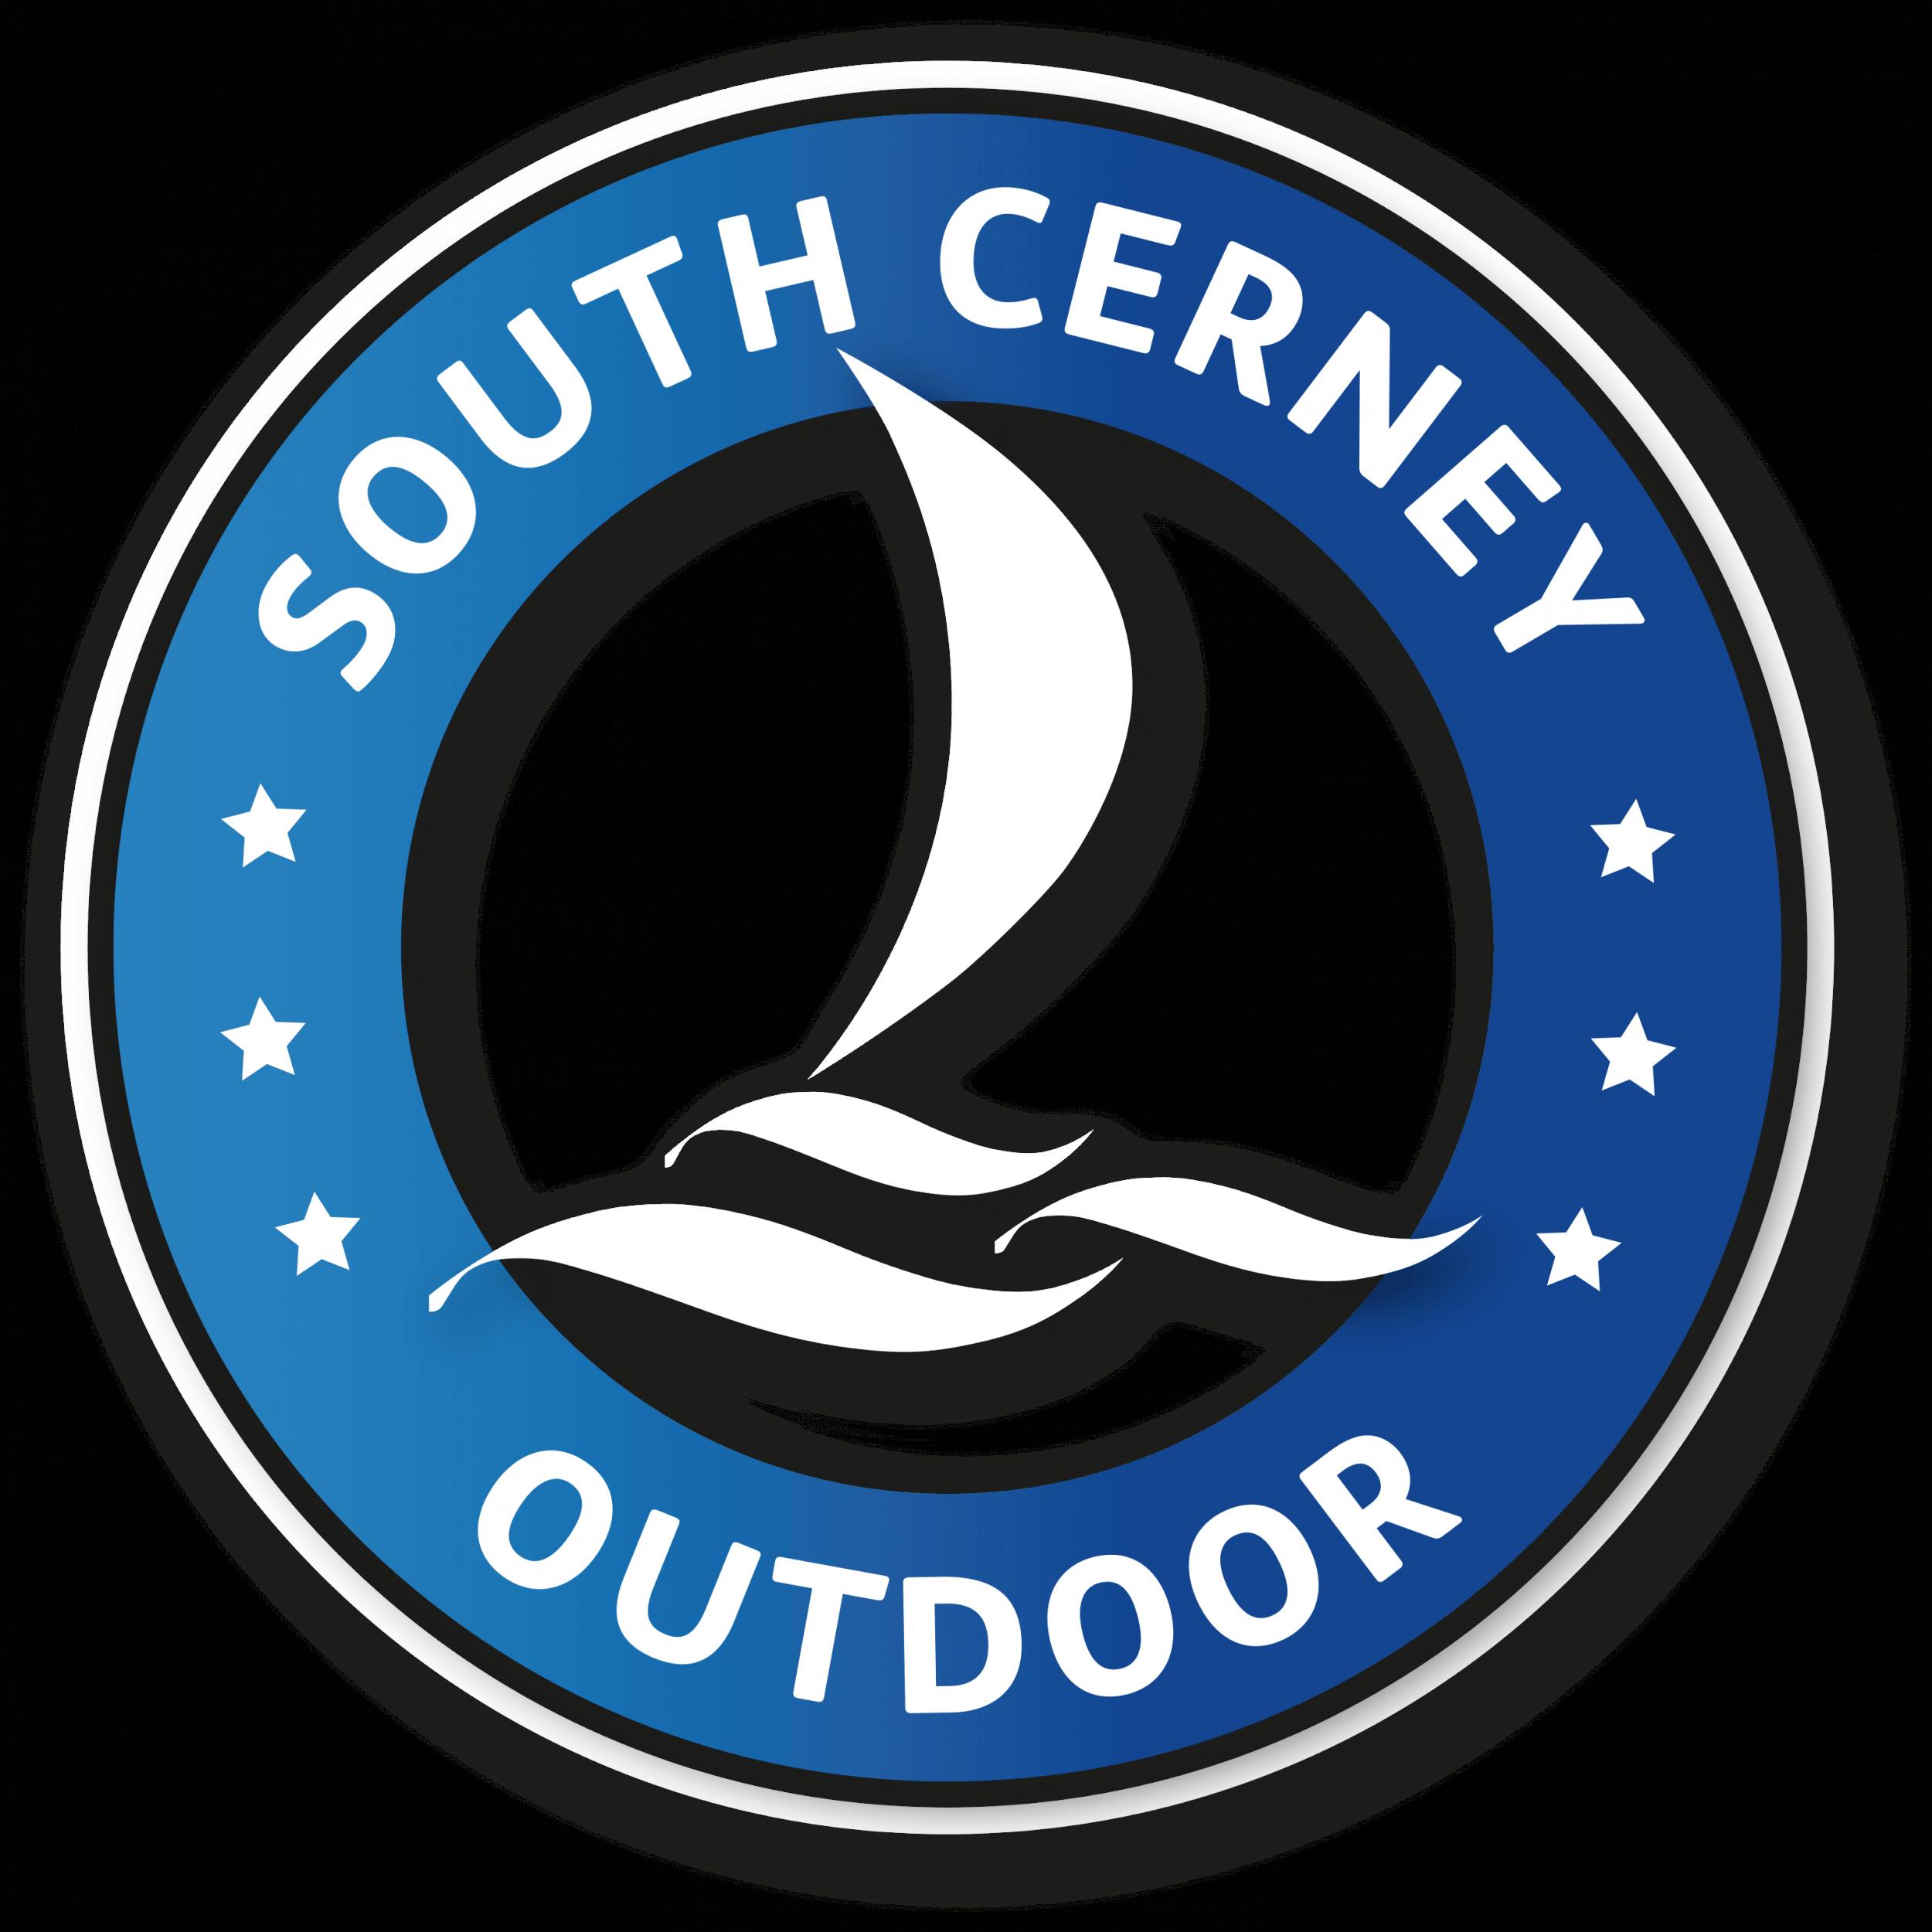 South Cerney Outdoor Centre 7